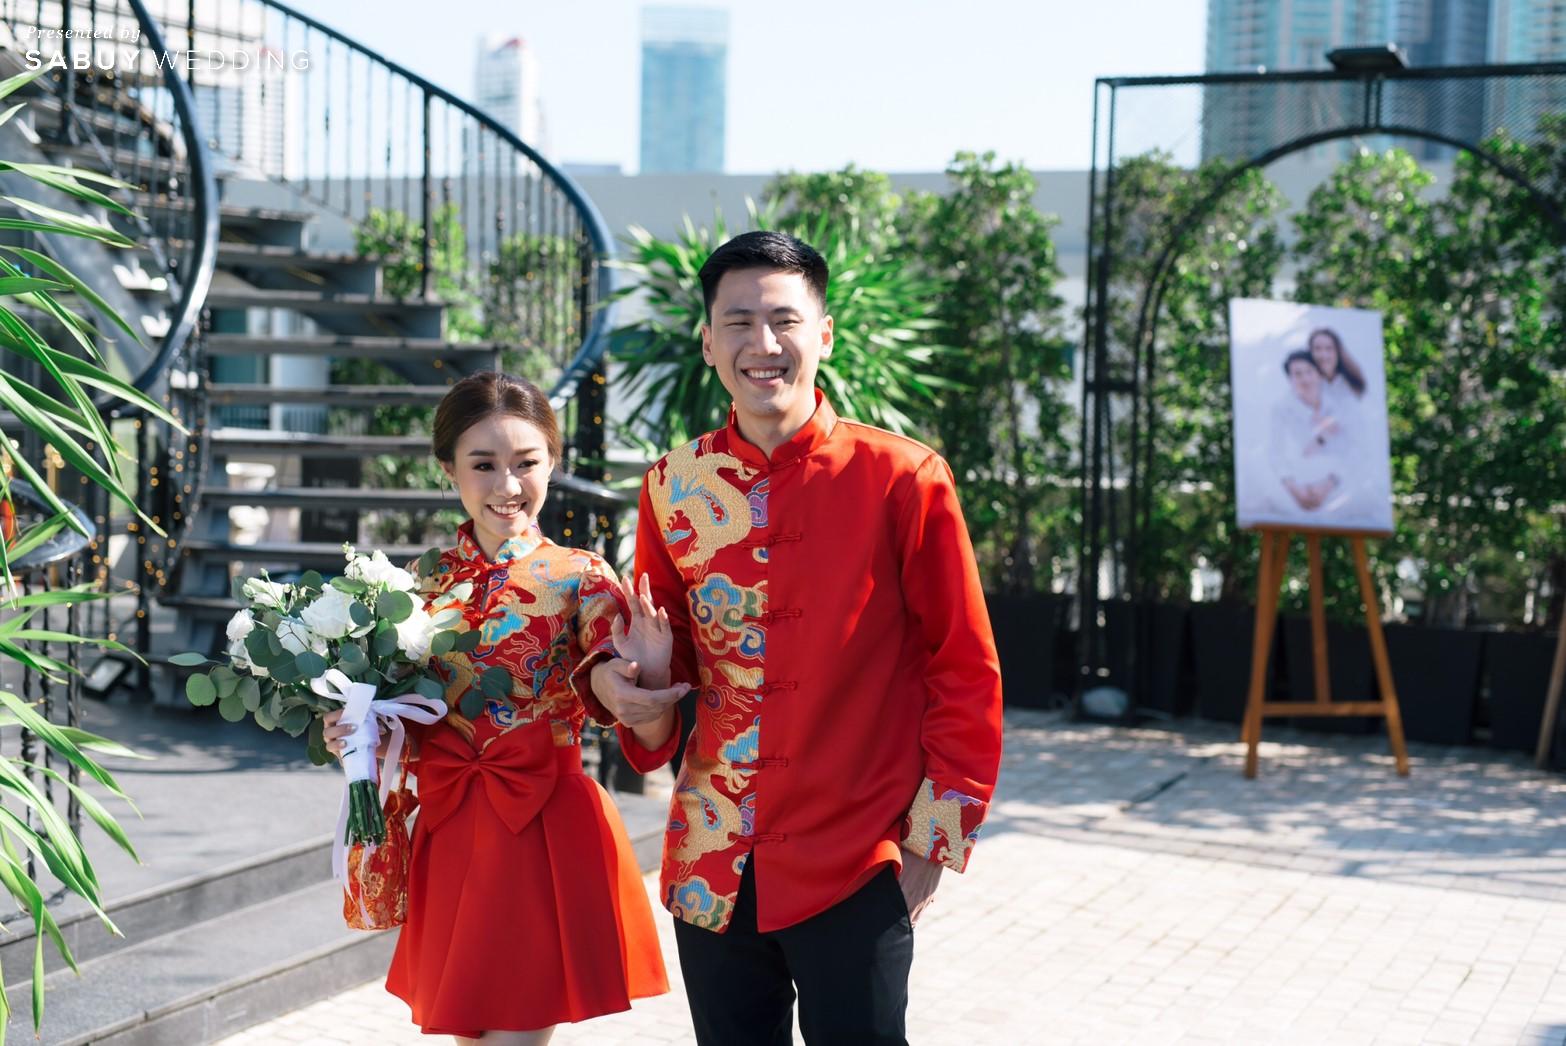 ชุดเจ้าสาว,ชุดแต่งงาน,ชุดเจ้าบ่าว รีวิวงานแต่งสวยวิ้ง ฟรุ้งฟริ้งฉบับงาน Customize @ Hotel Once Bangkok